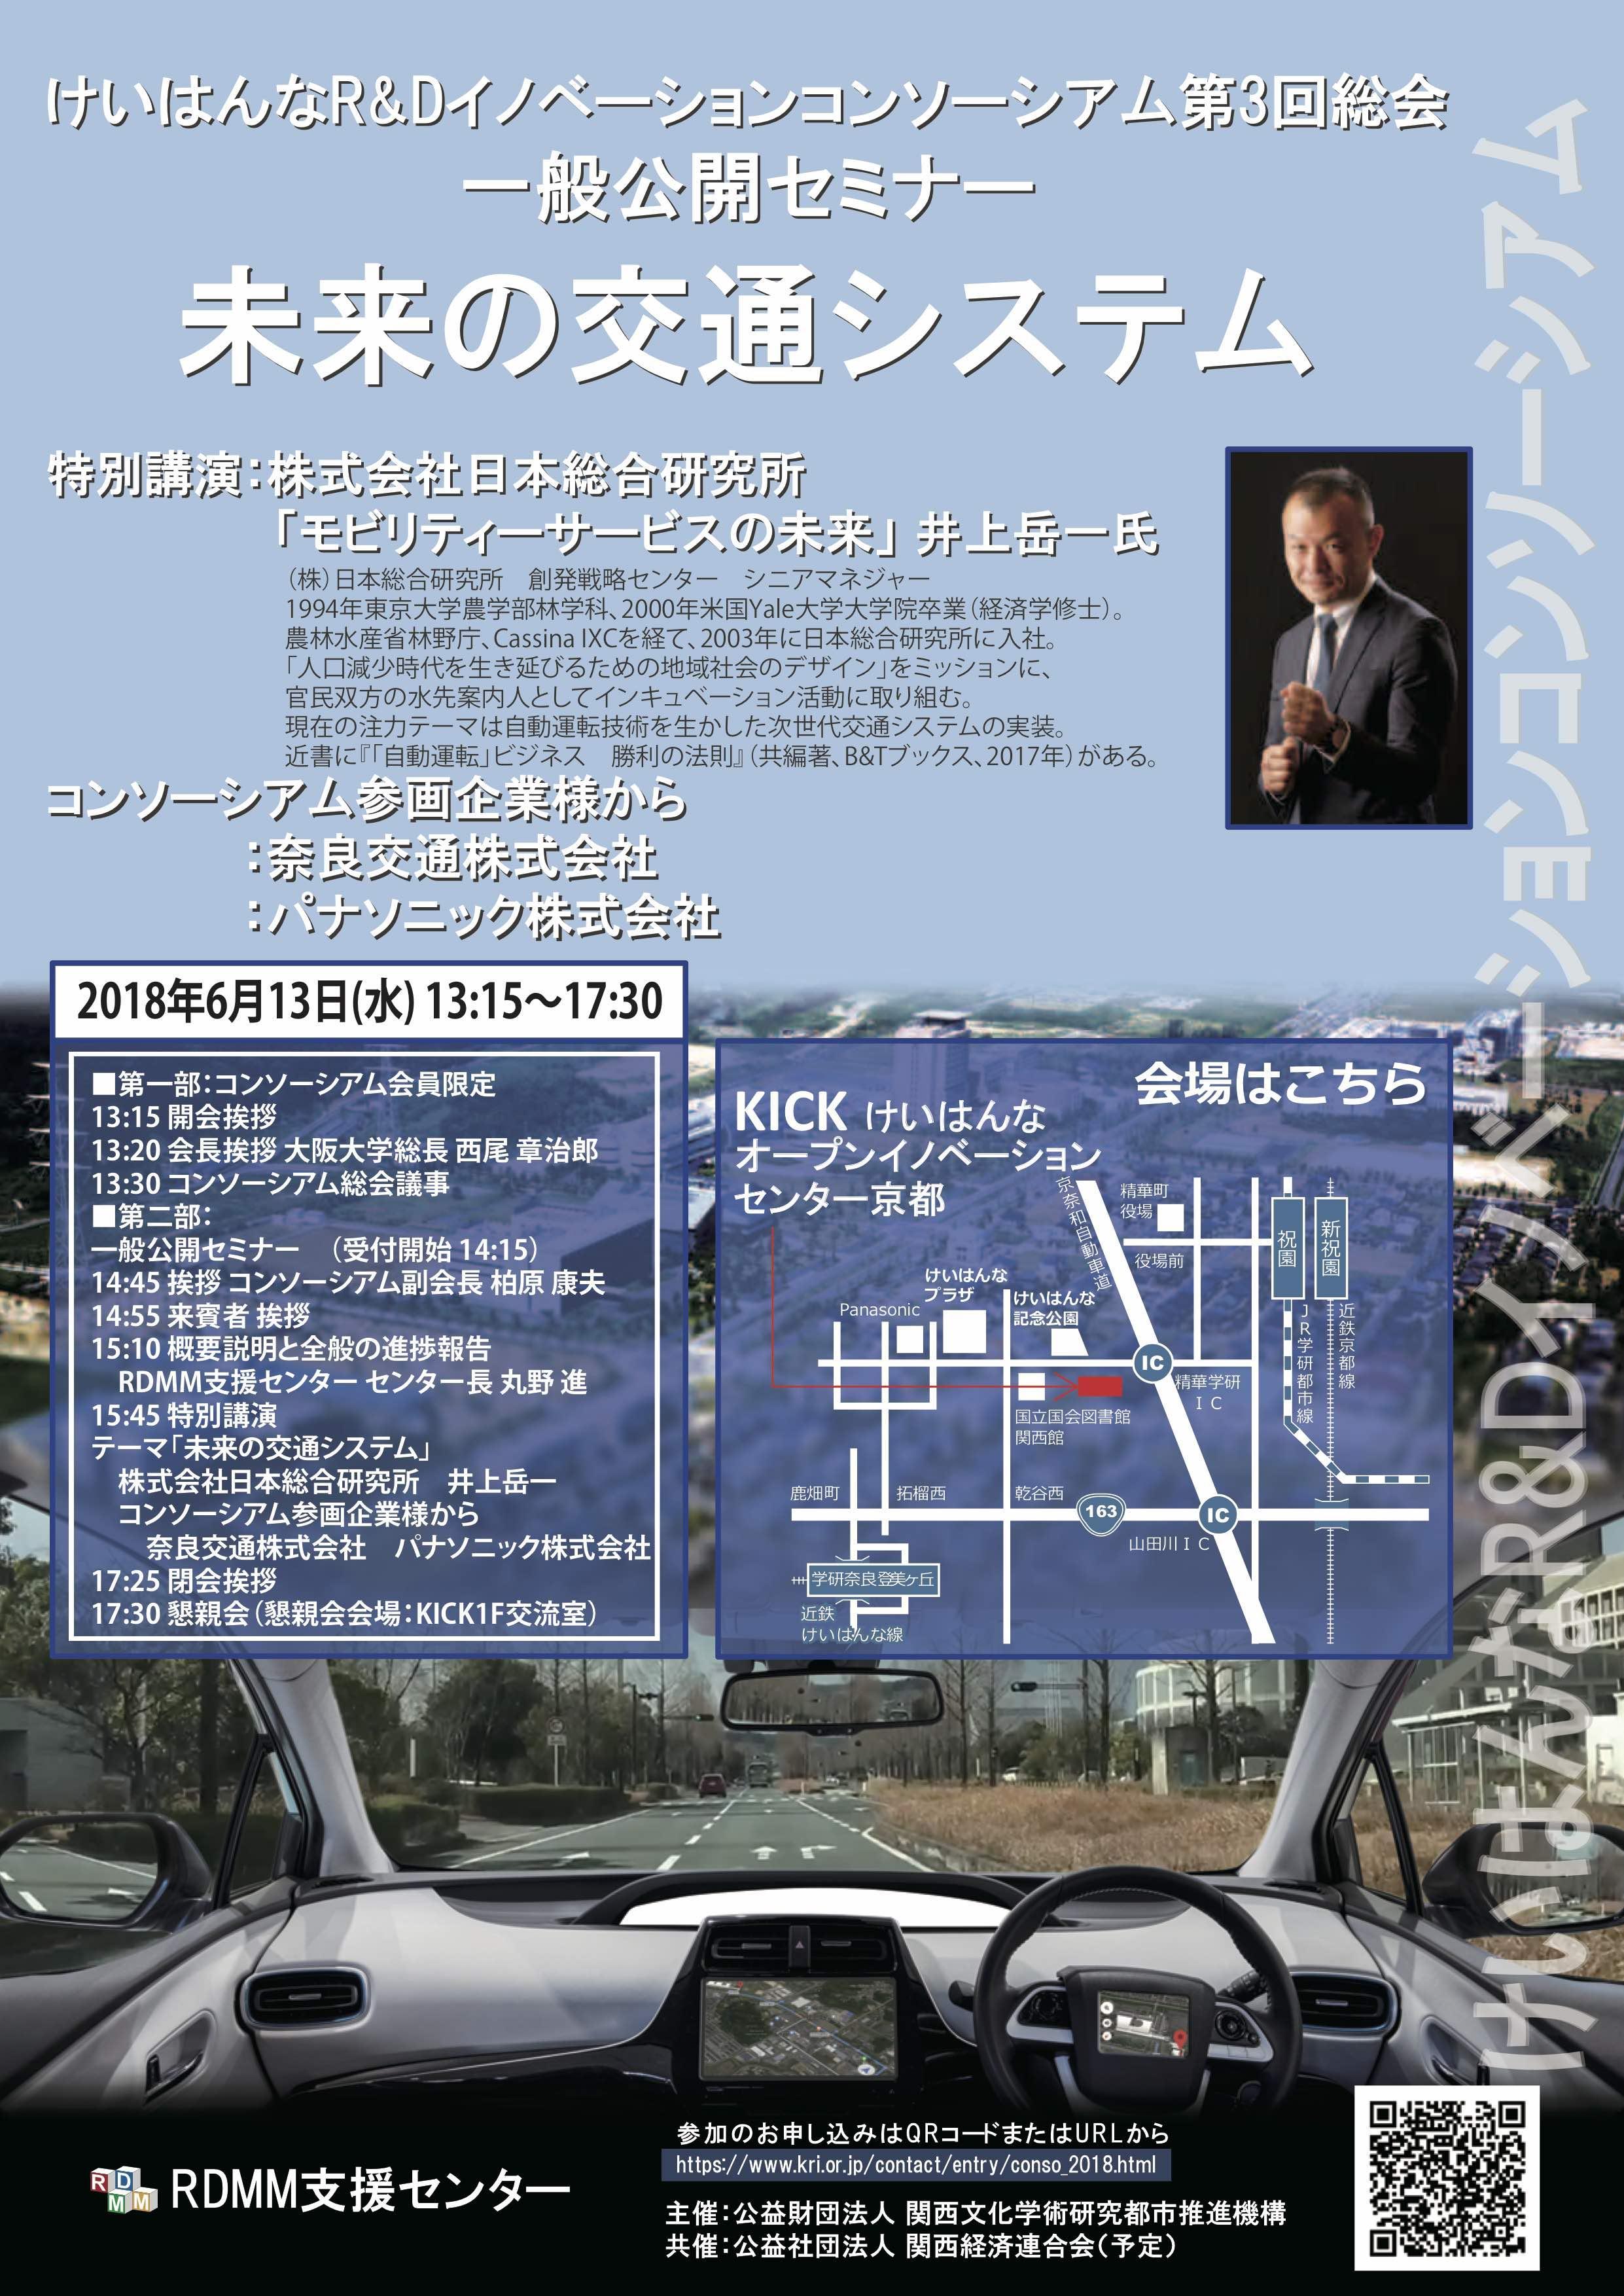 けいはんなR&Dイノベーションコンソーシアム第3回総会公開セミナー「未来の交通システム」